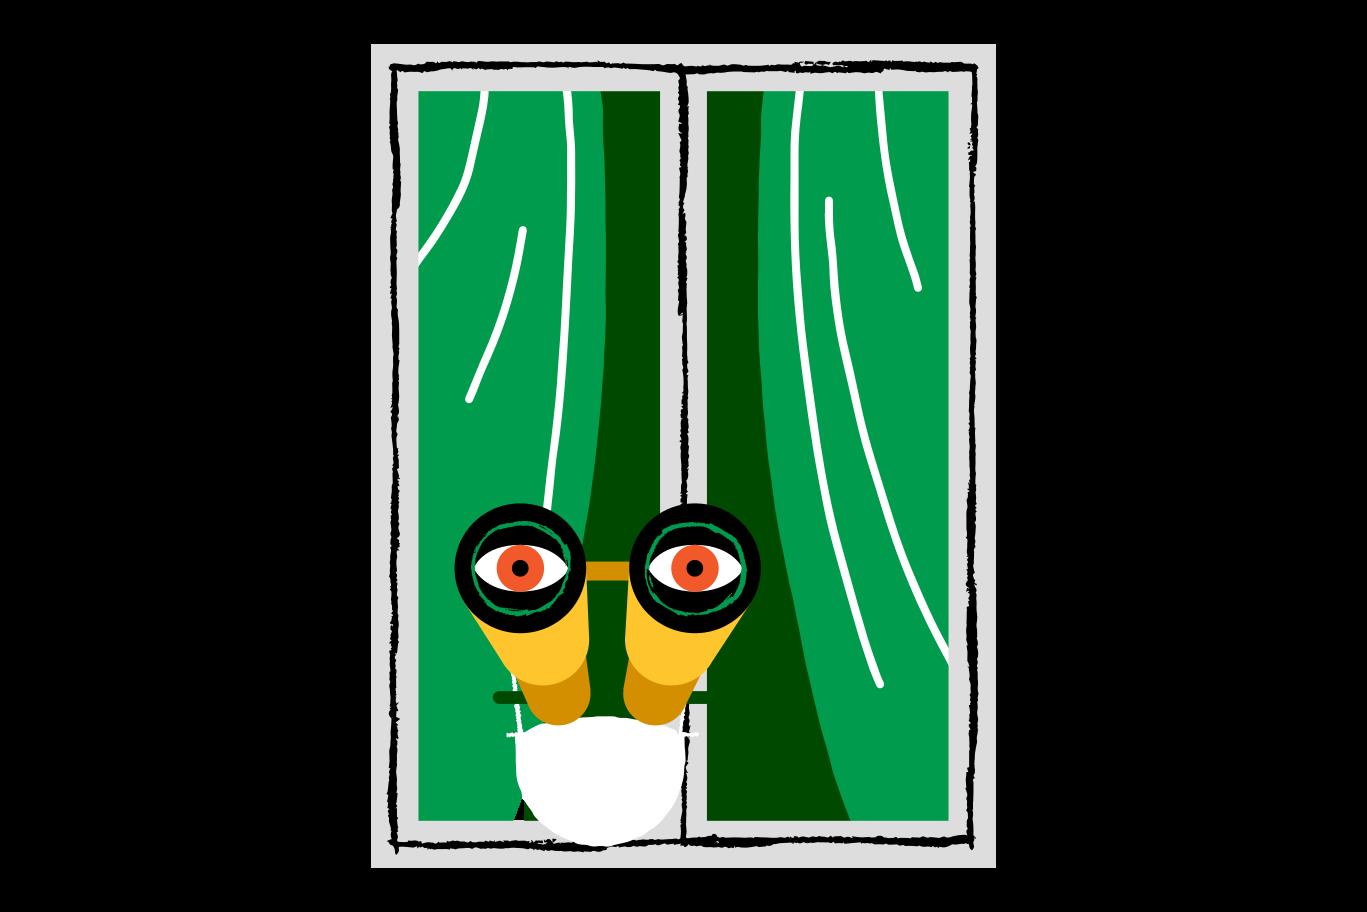 olhando pela janela Clipart illustration in PNG, SVG